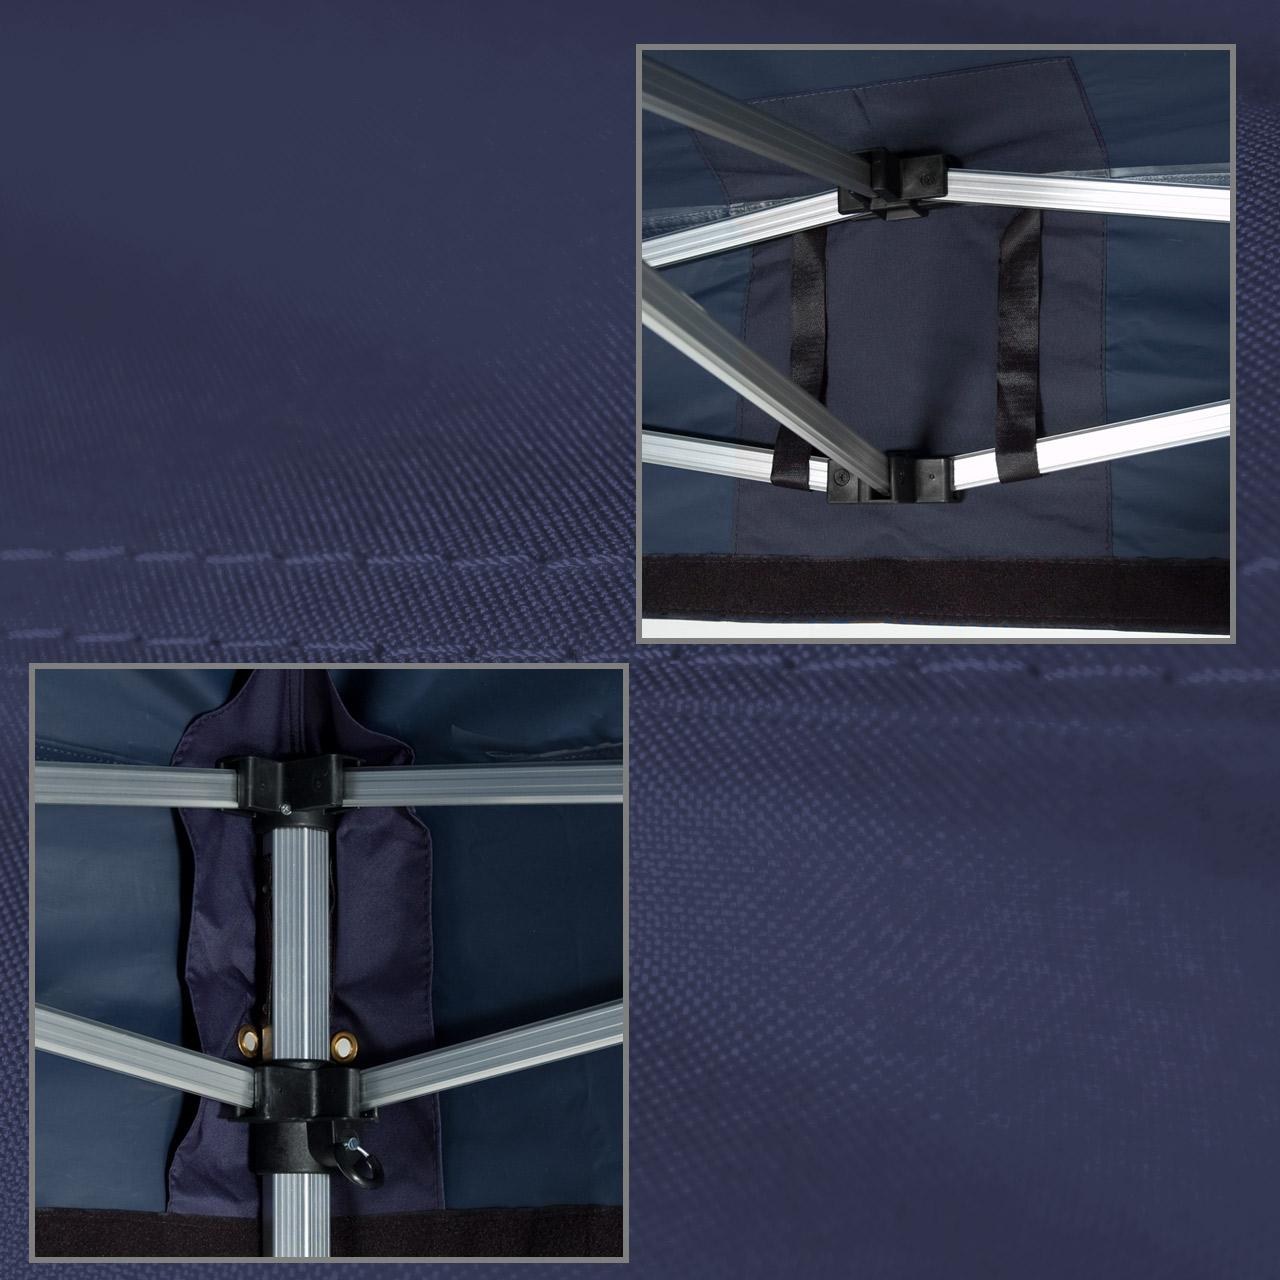 Faltpavillon-3x3-blau-Plane